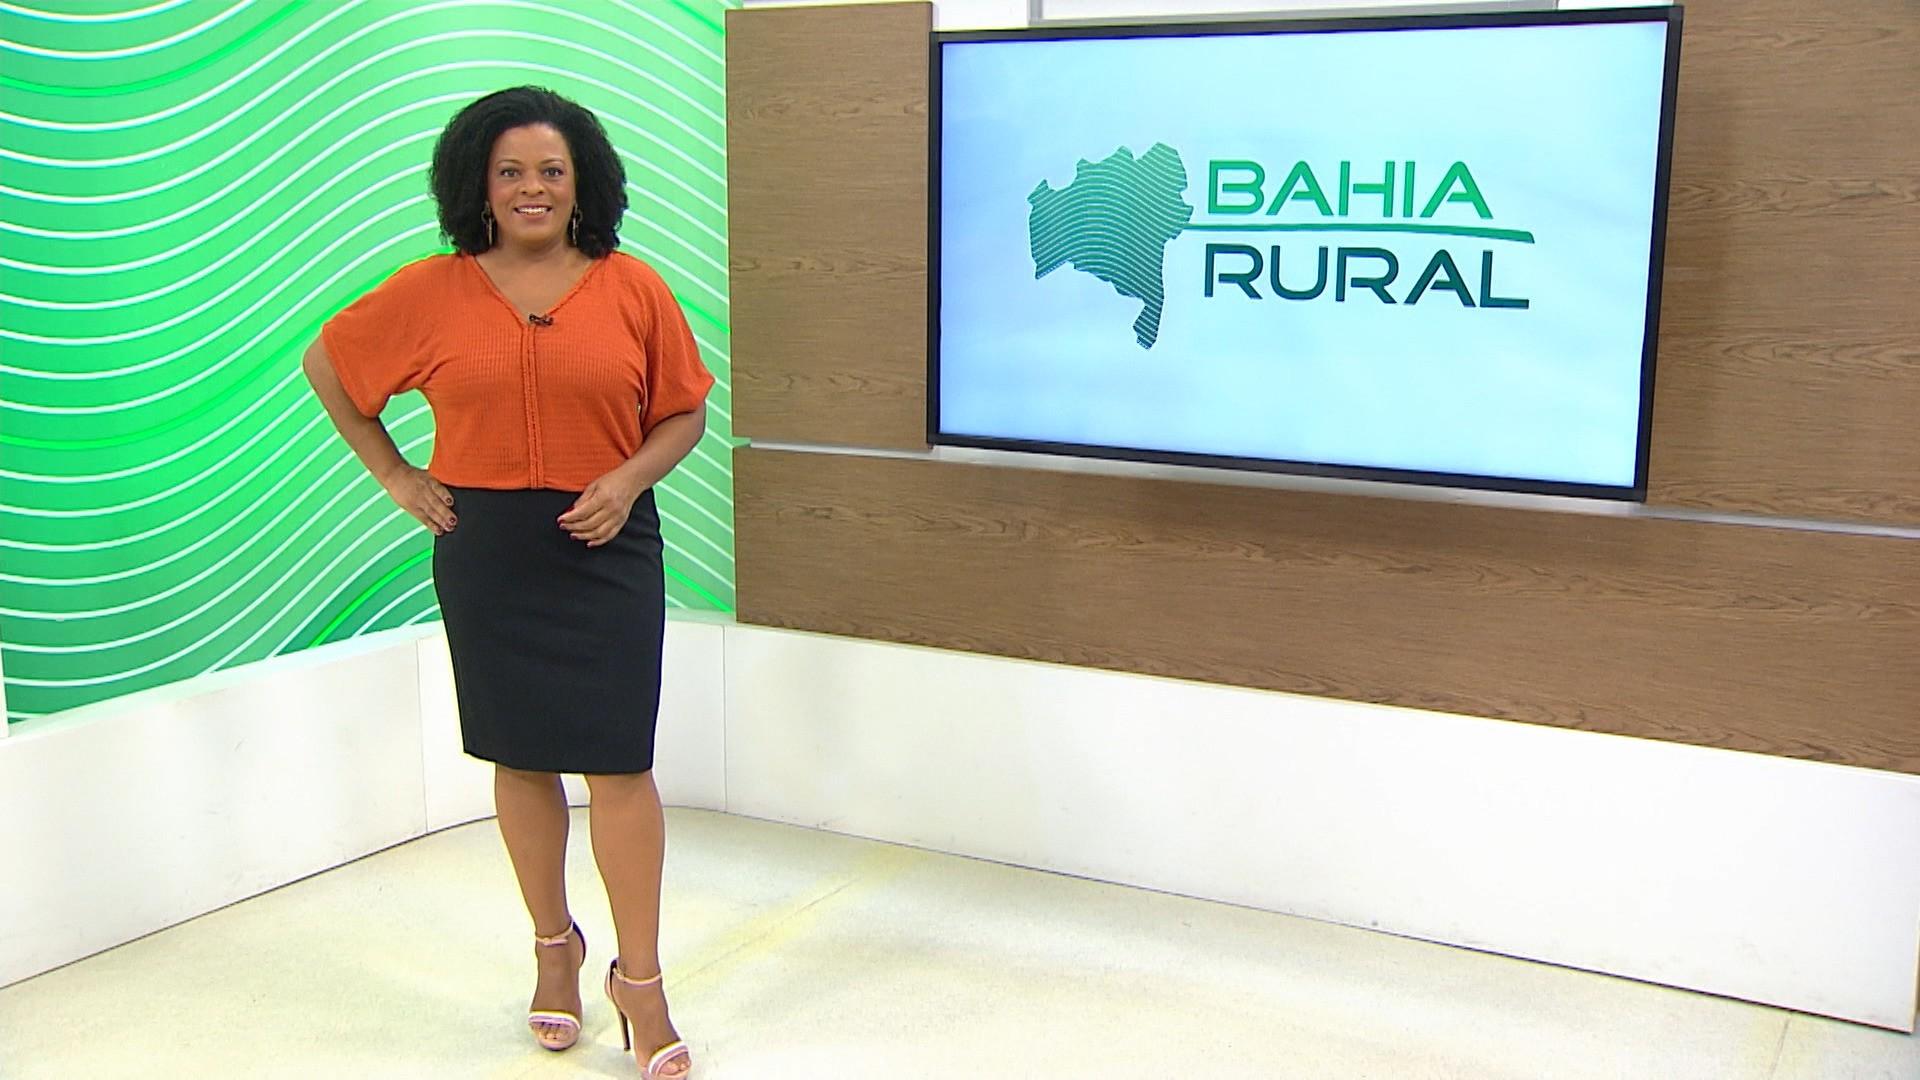 Vídeos do G1 e TV Bahia - domingo, 13 de junho de 2021